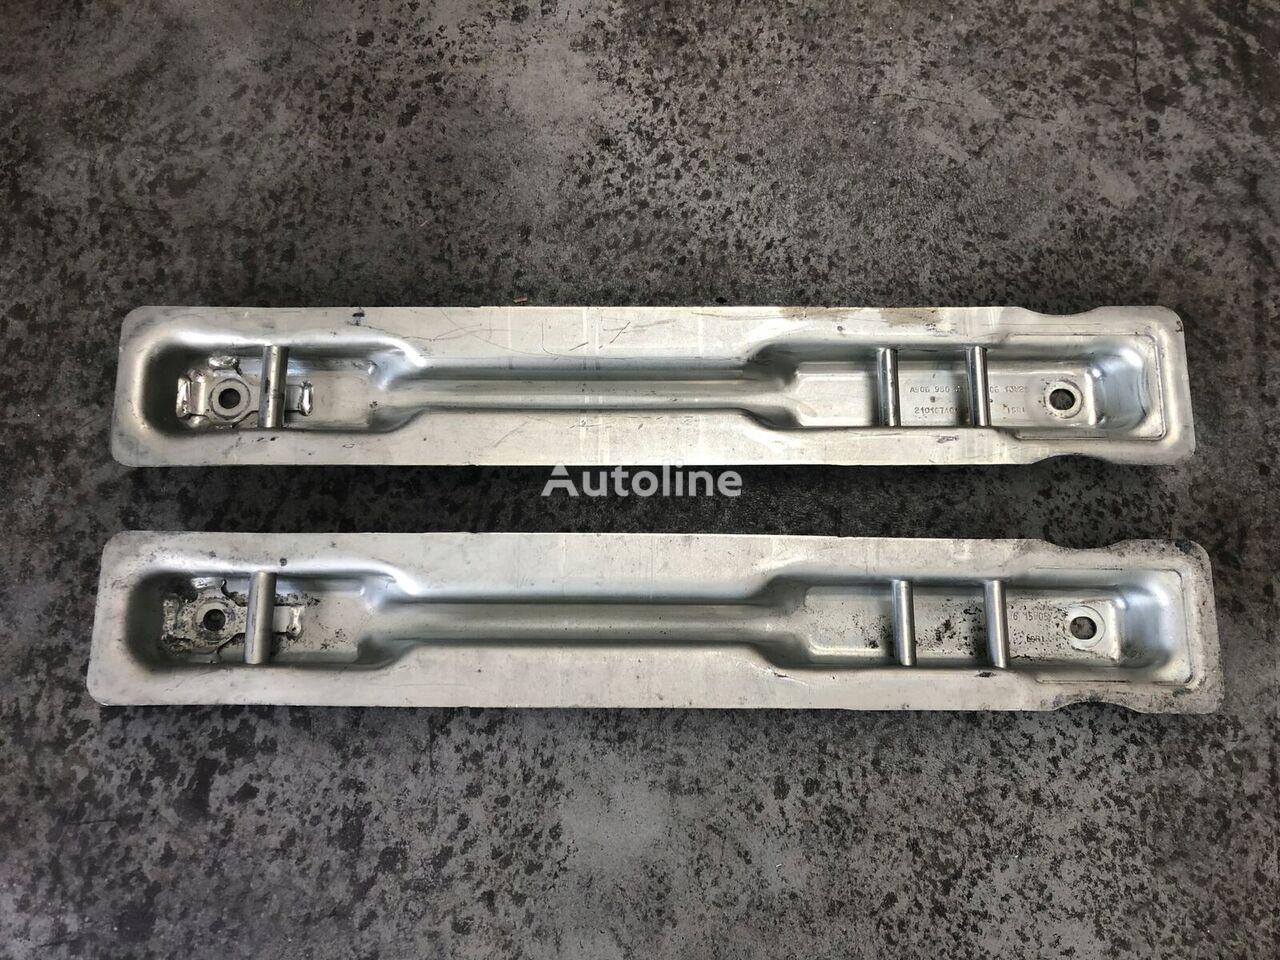 mocowanie szyna fotela elementos de sujeción para MERCEDES-BENZ Sprinter 906 vehículo comercial